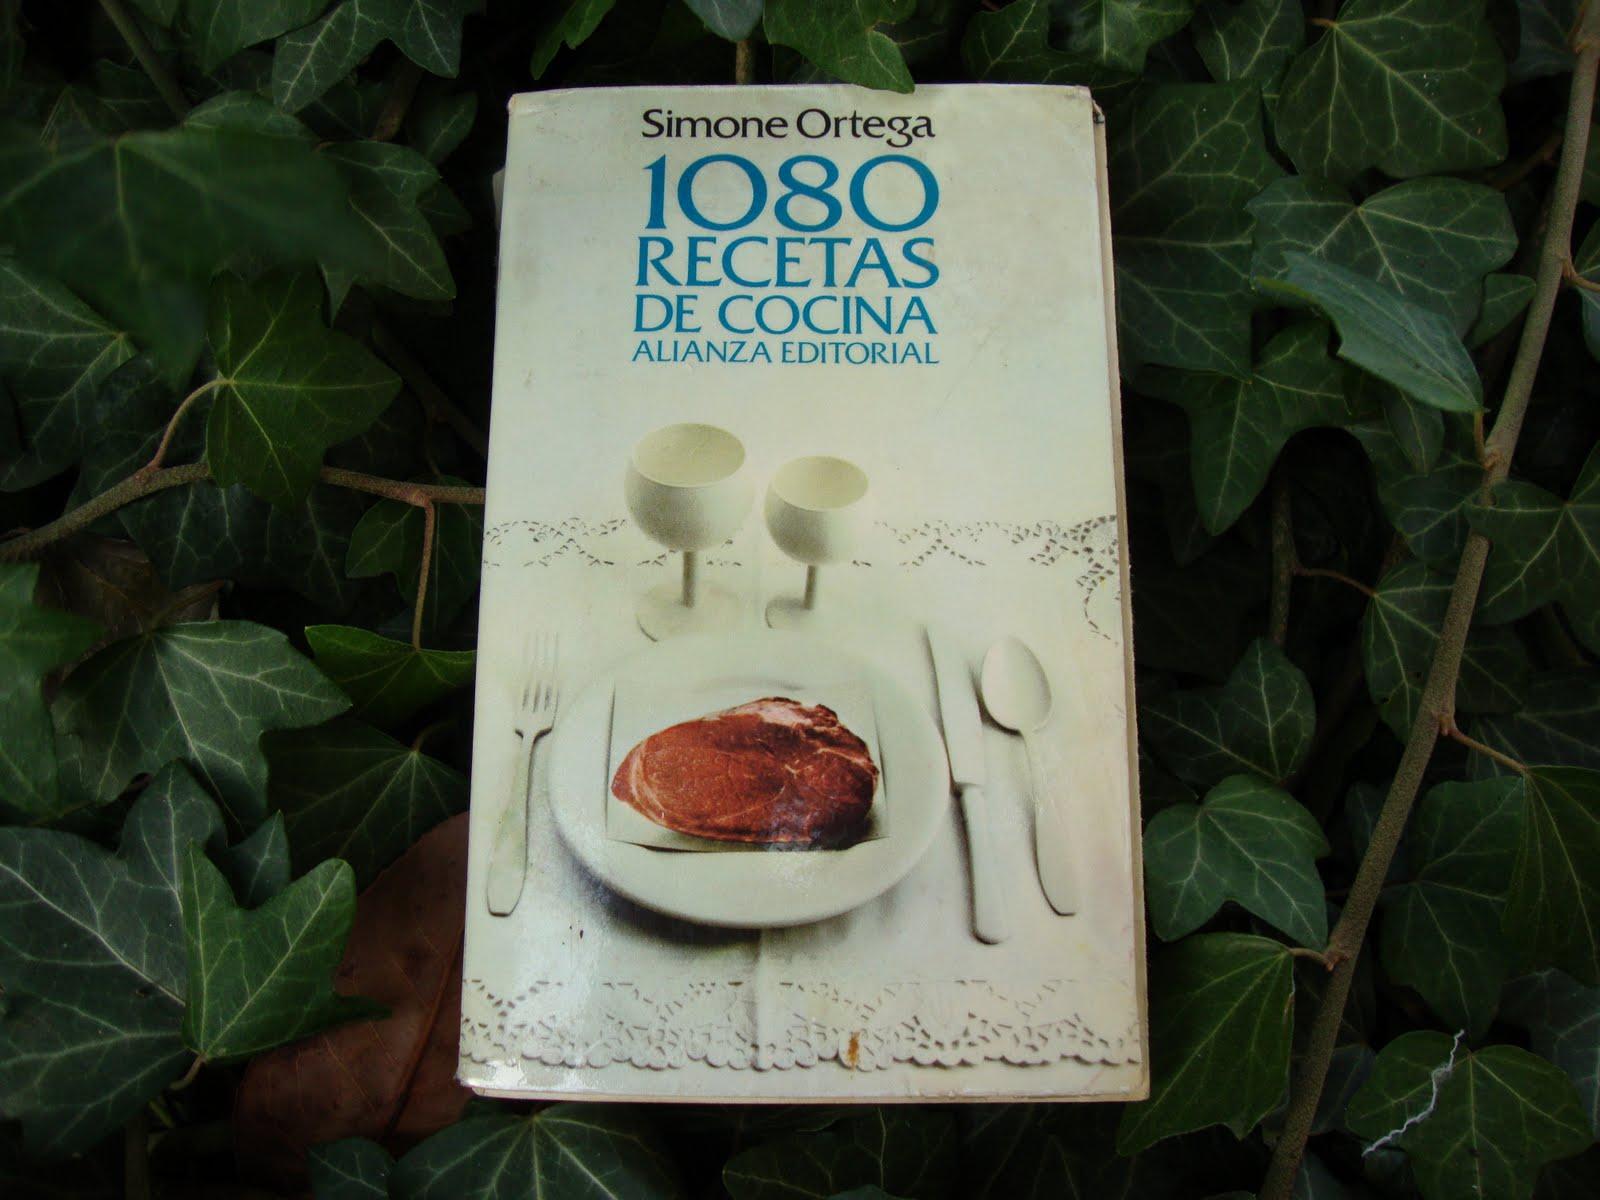 Mermelada de tomates de Simone Ortega